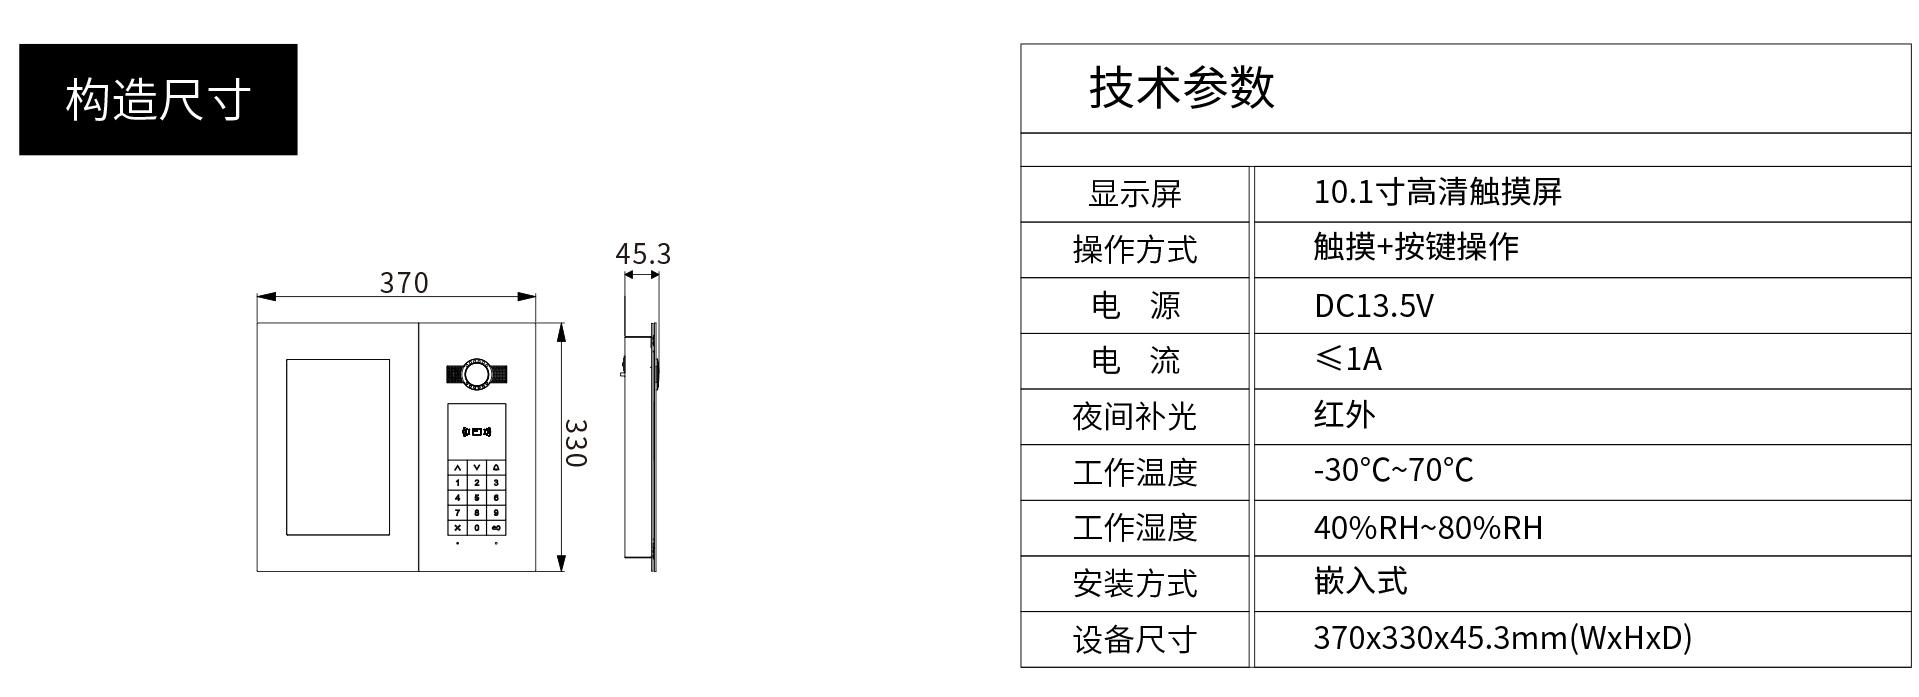 K10门口机参数.jpg